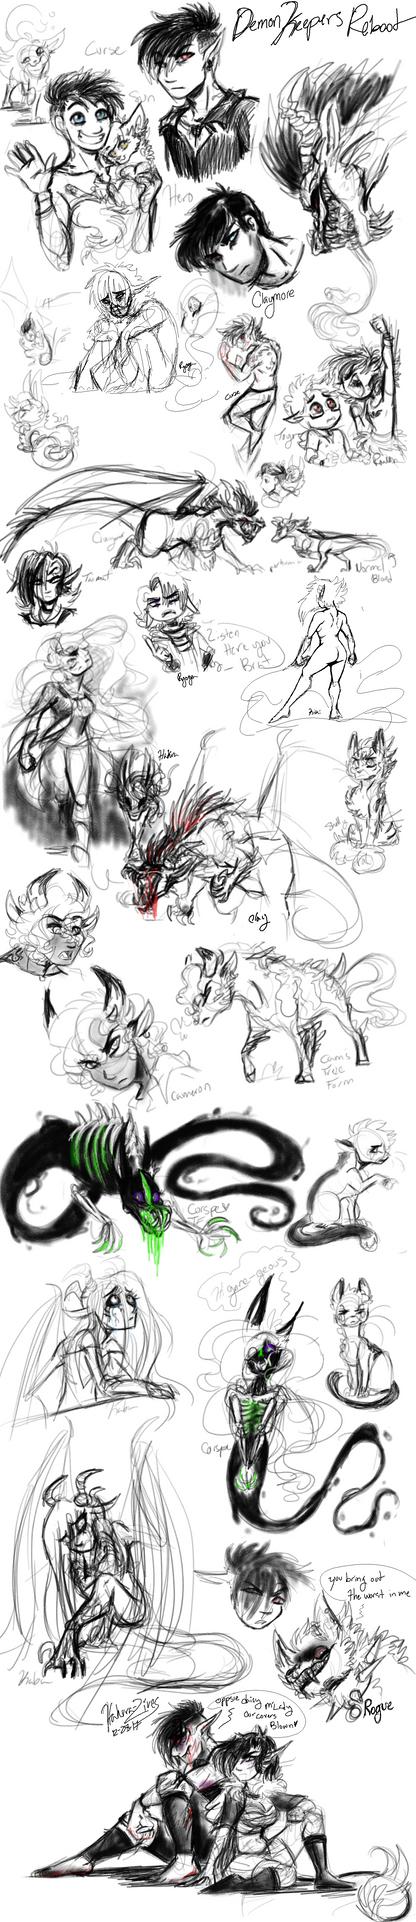 .:Demon Keepers Reboot:. by hakura-lives